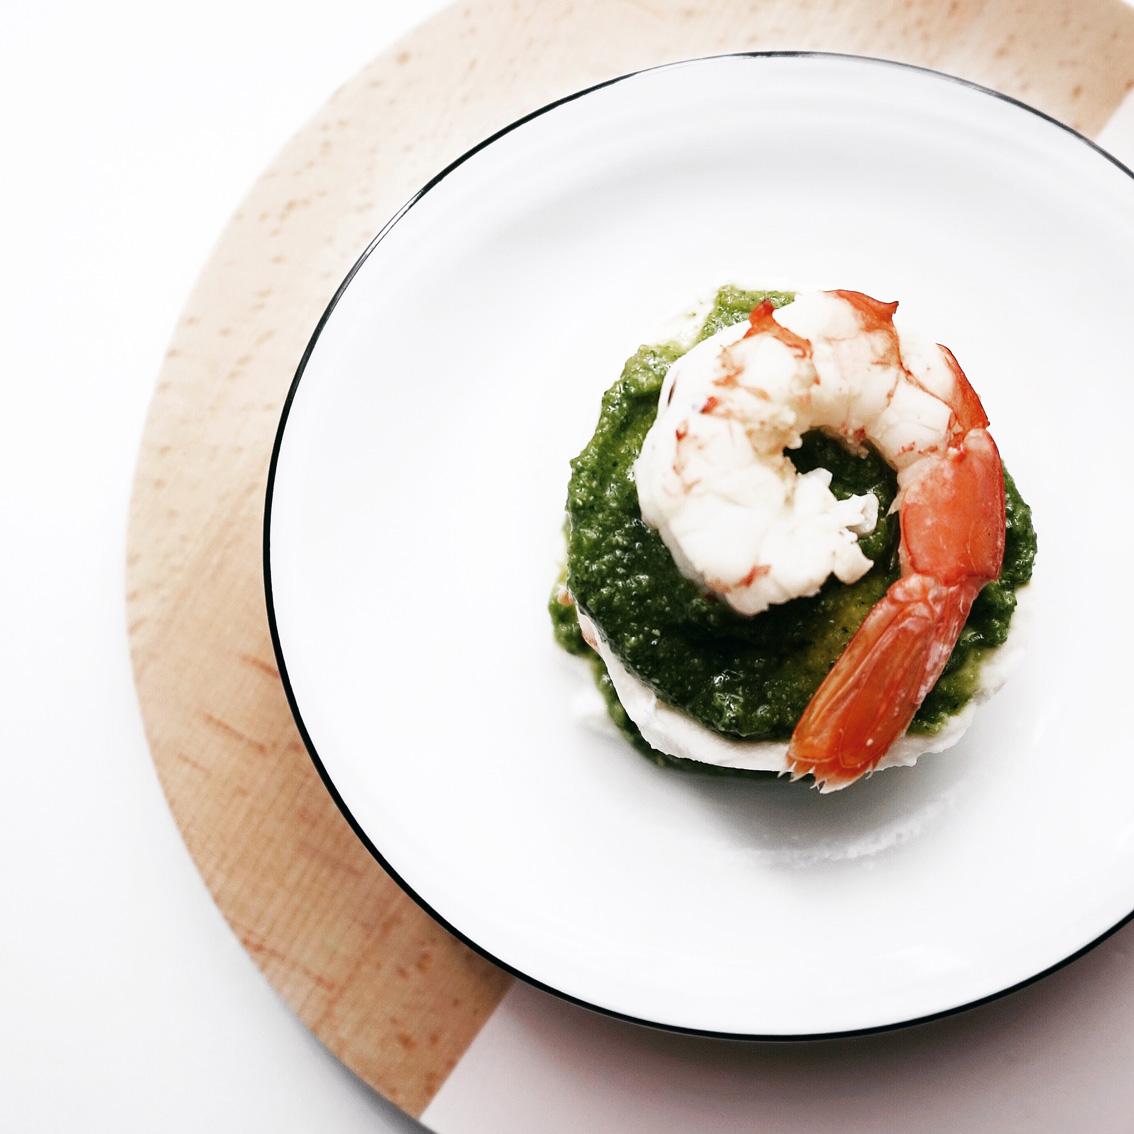 7 Oggi Puoi con Granarolo: 2 ricette light ma con gusto.